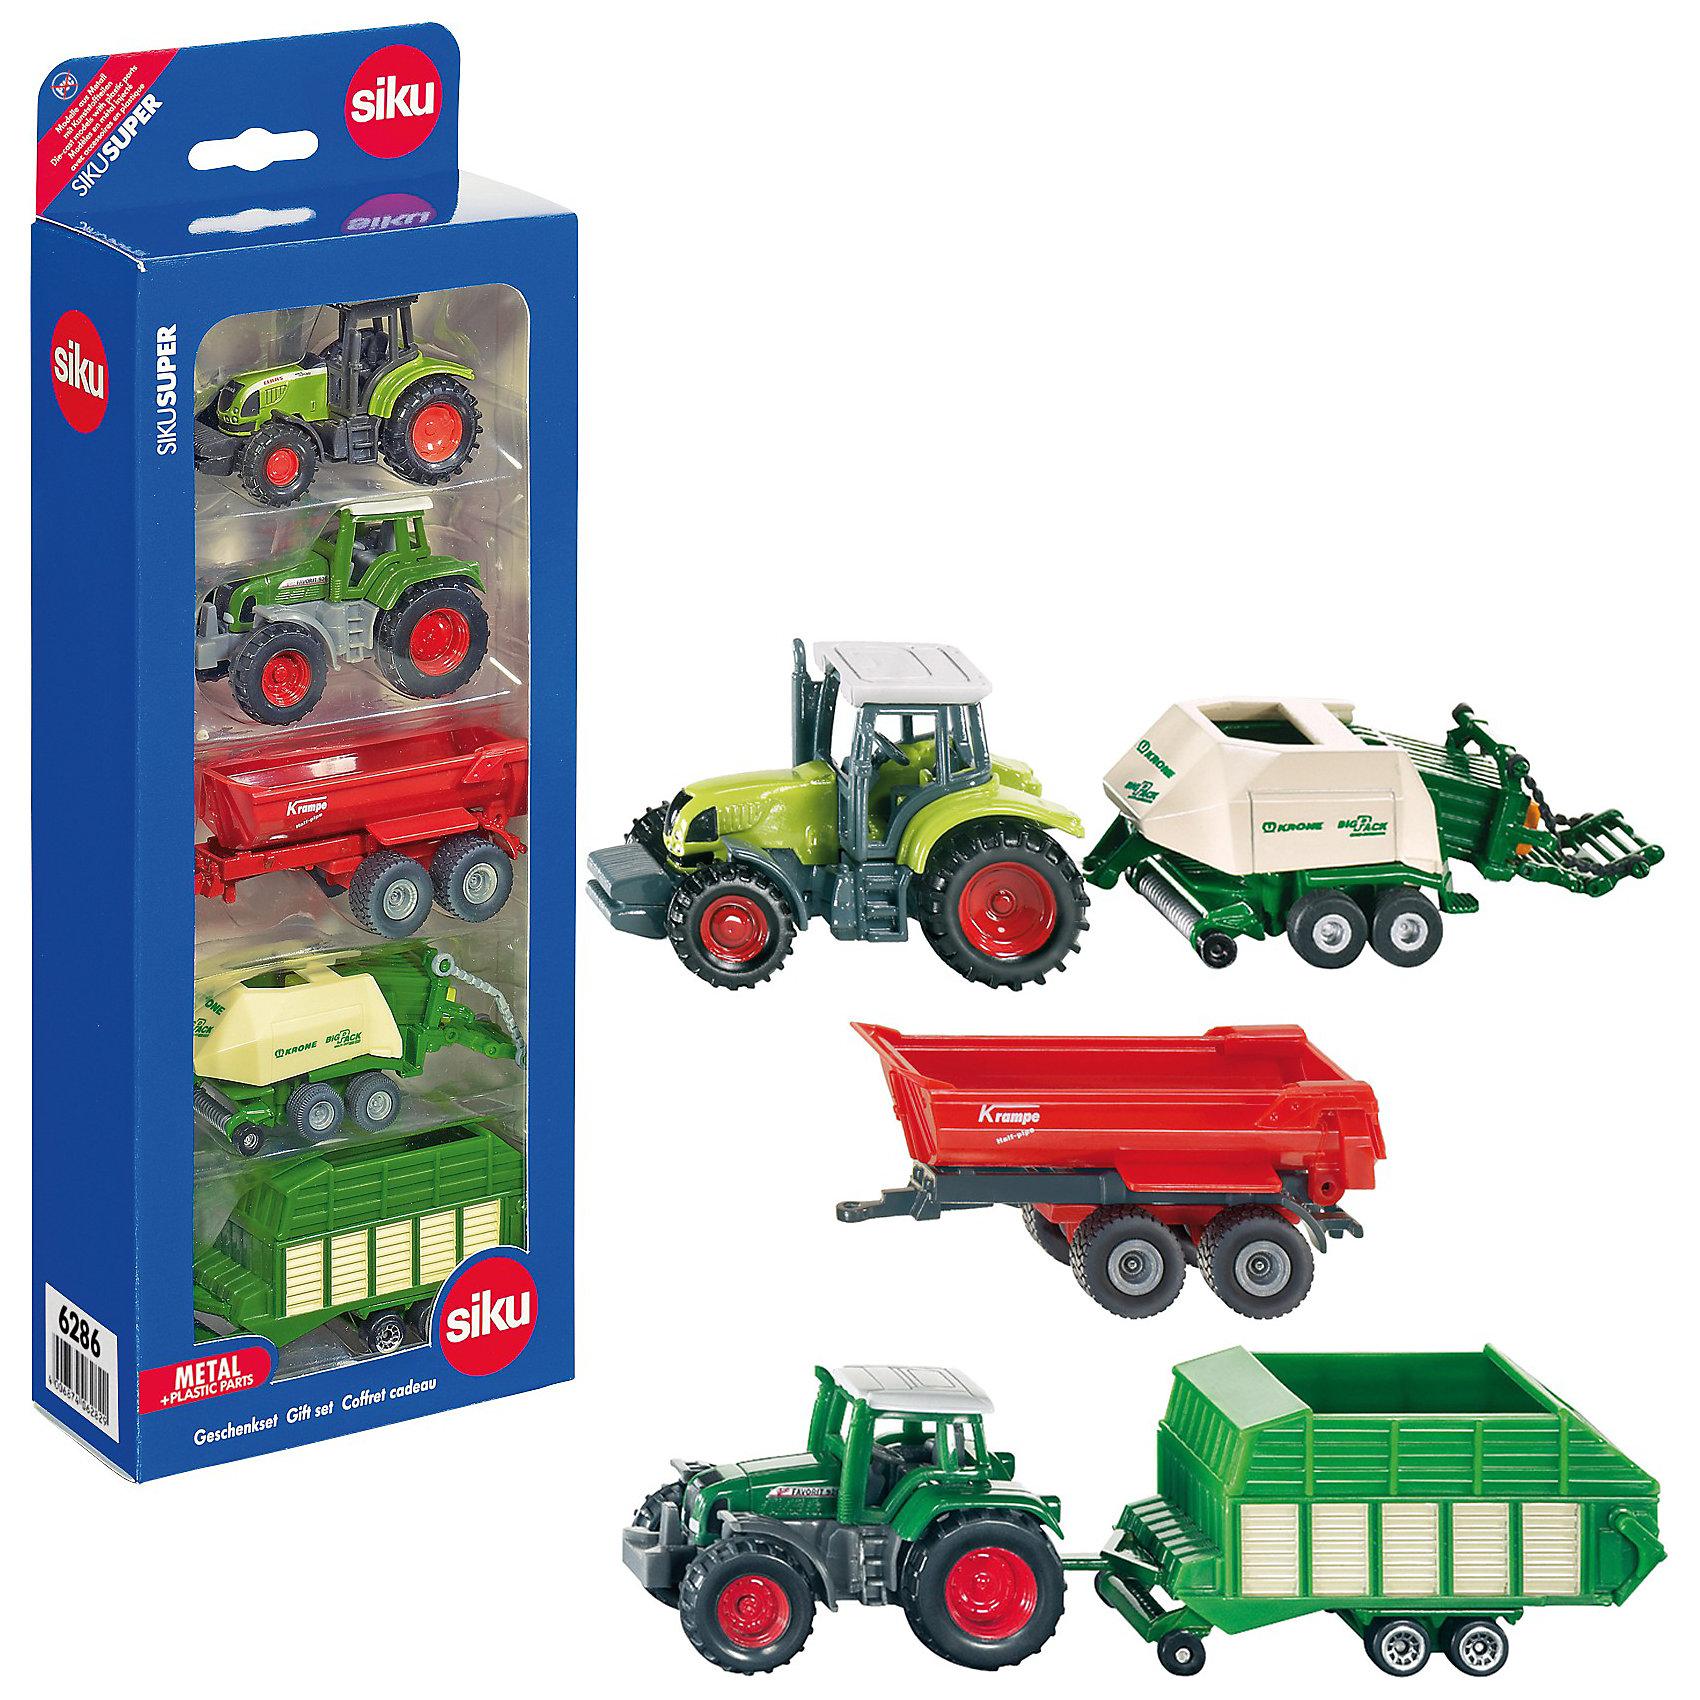 SIKU SIKU 6286 Подарочный набор сельскохозяйственной техники автомобиль siku бугатти eb 16 4 1 55 красный 1305